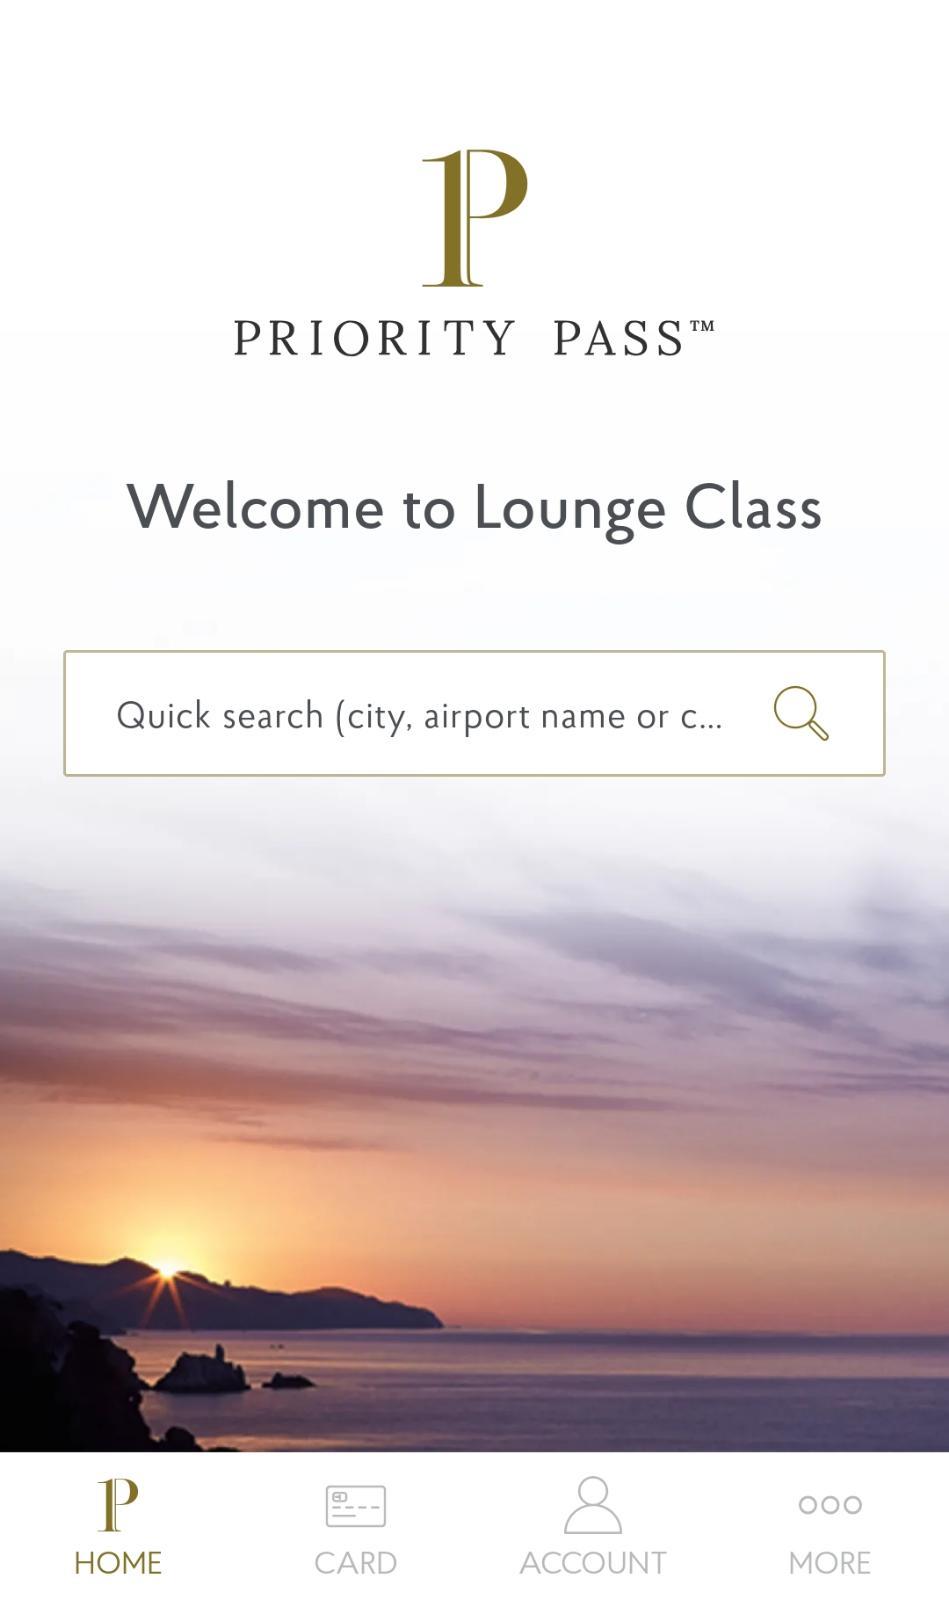 PPass home - Priority Pass começa campanha para votação dos melhores lounges de 2019